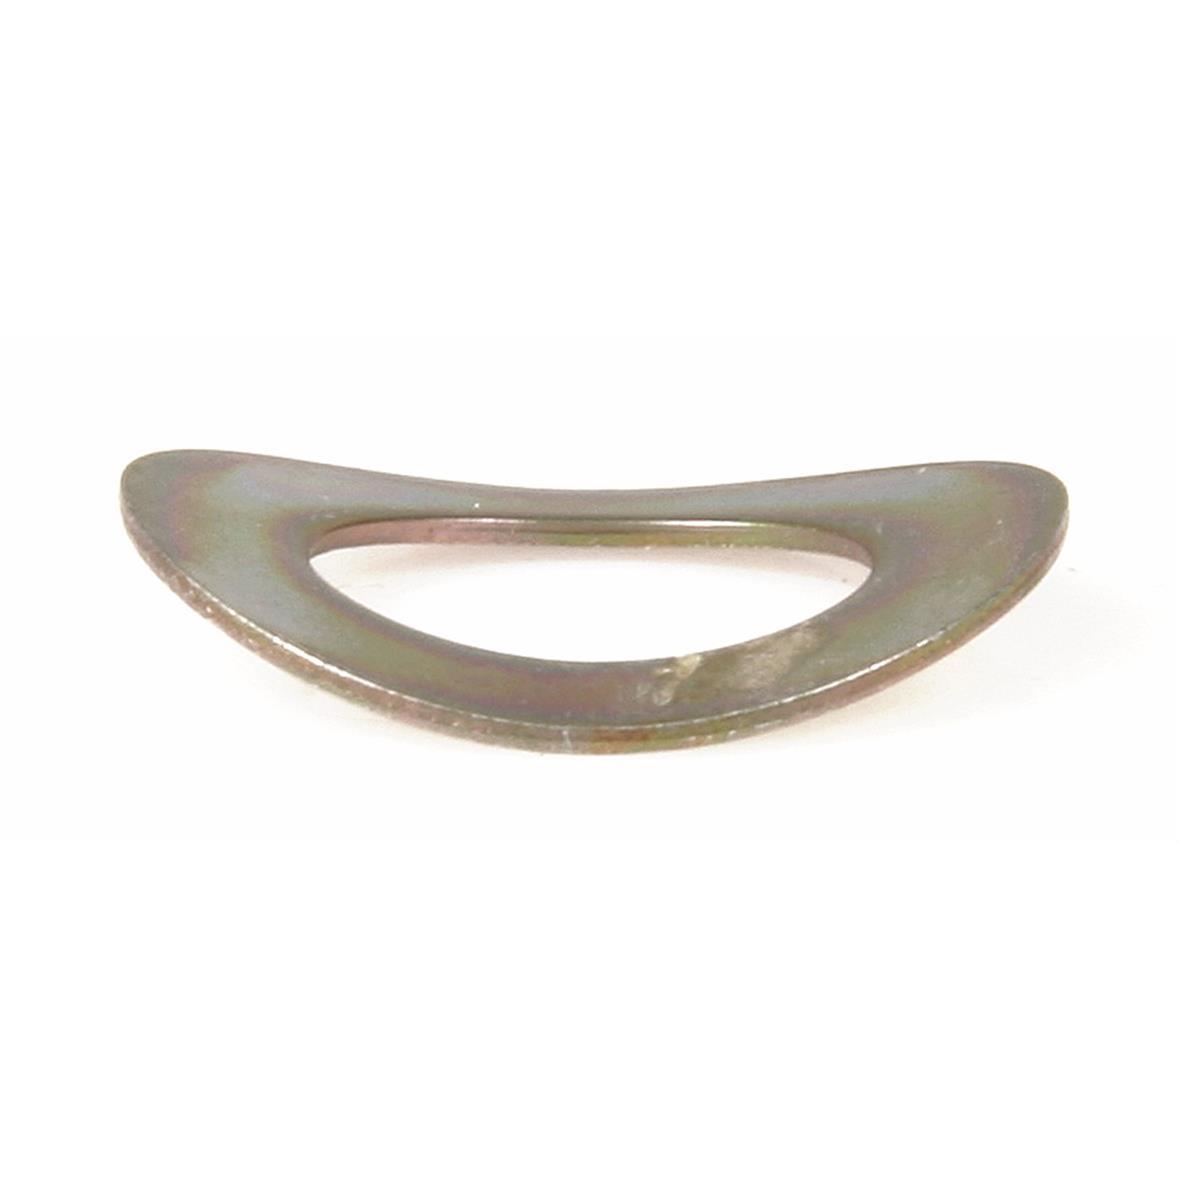 Image du produit 'Rondelle ondulée 12x6,4x0,5 mm, PIAGGIO'